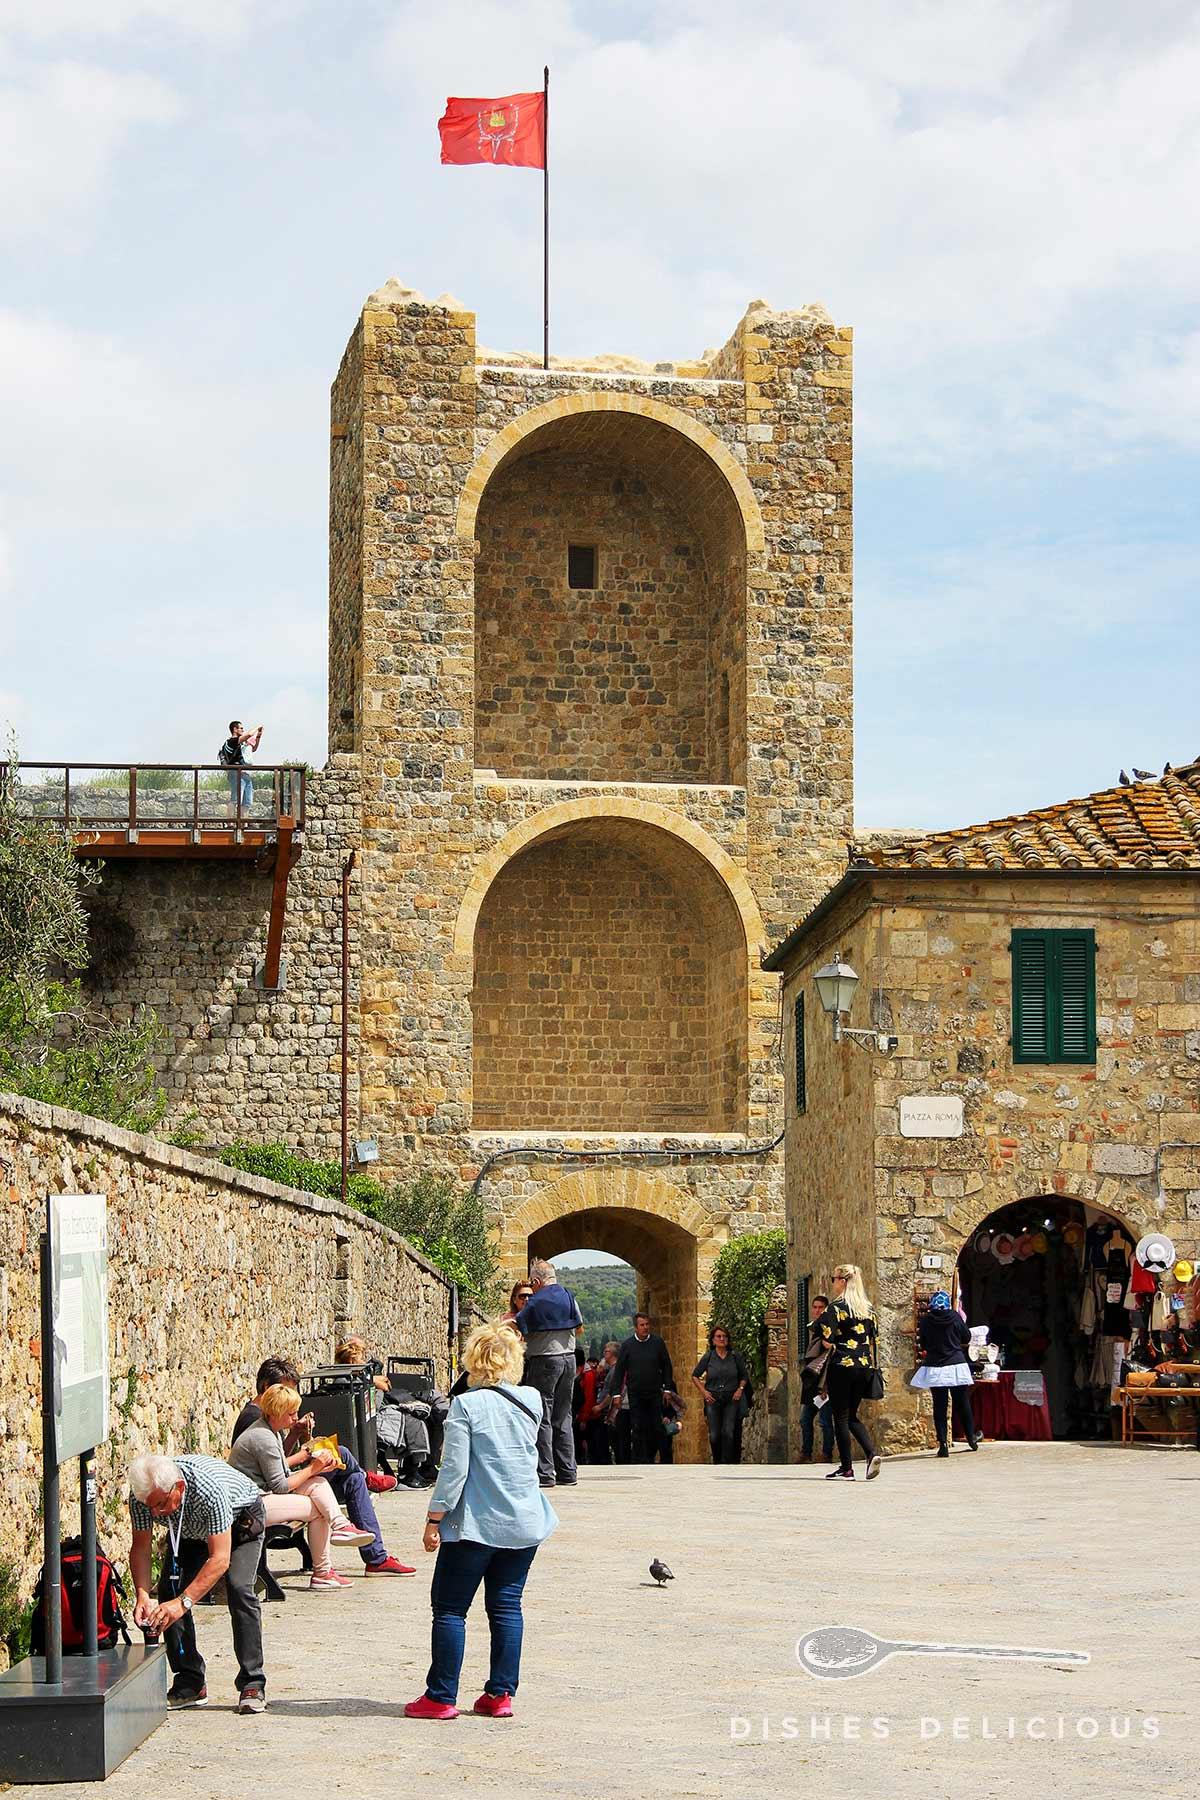 Ein Wehrturm in Monteriggioni, der gleichzeitig das Stadttor ist.